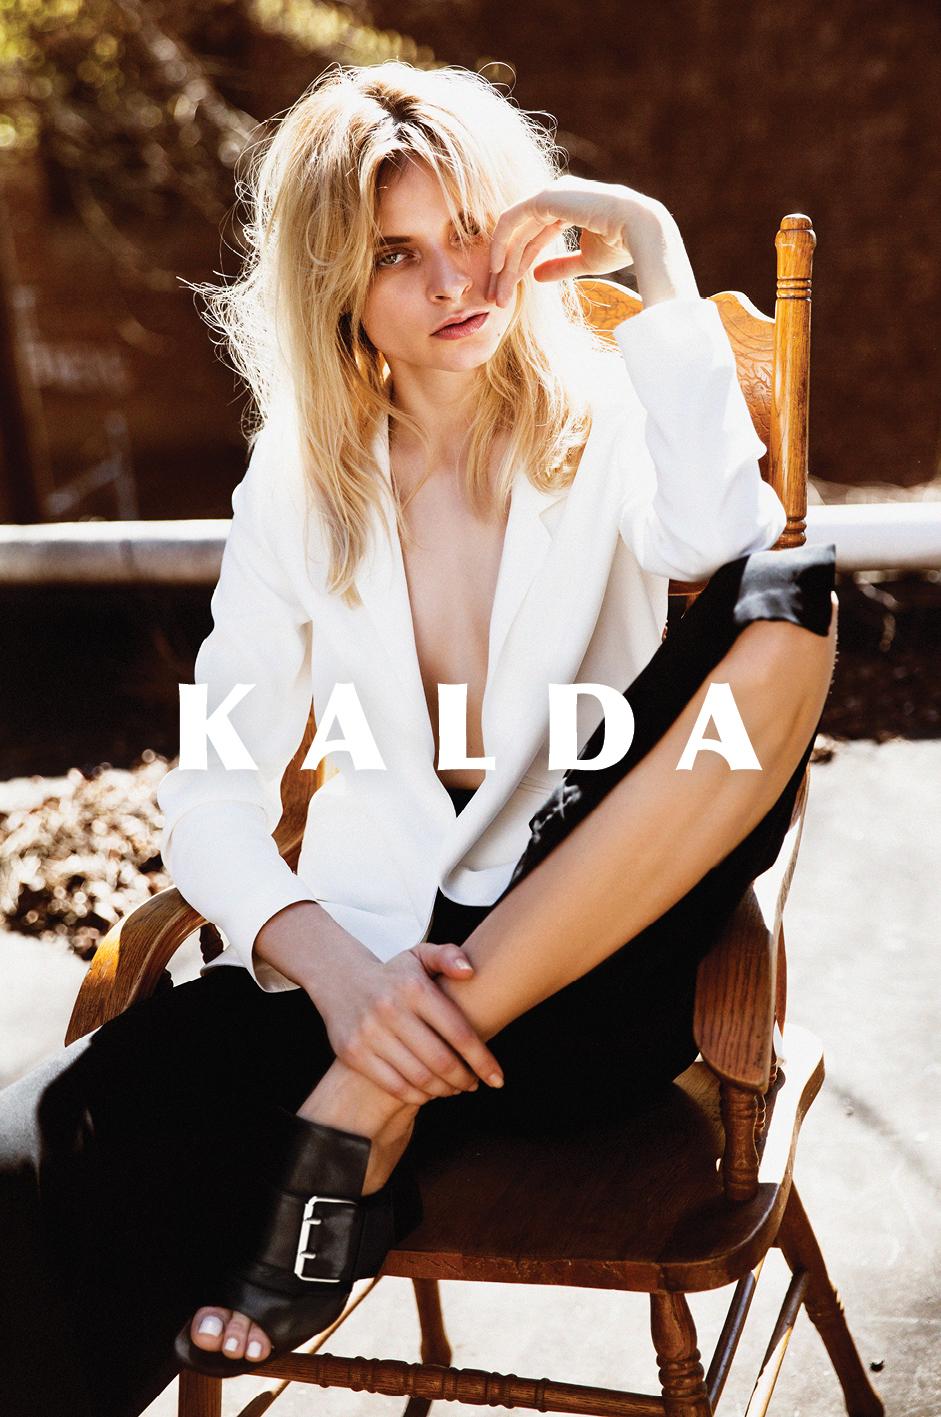 Kalda+social+media42.jpg